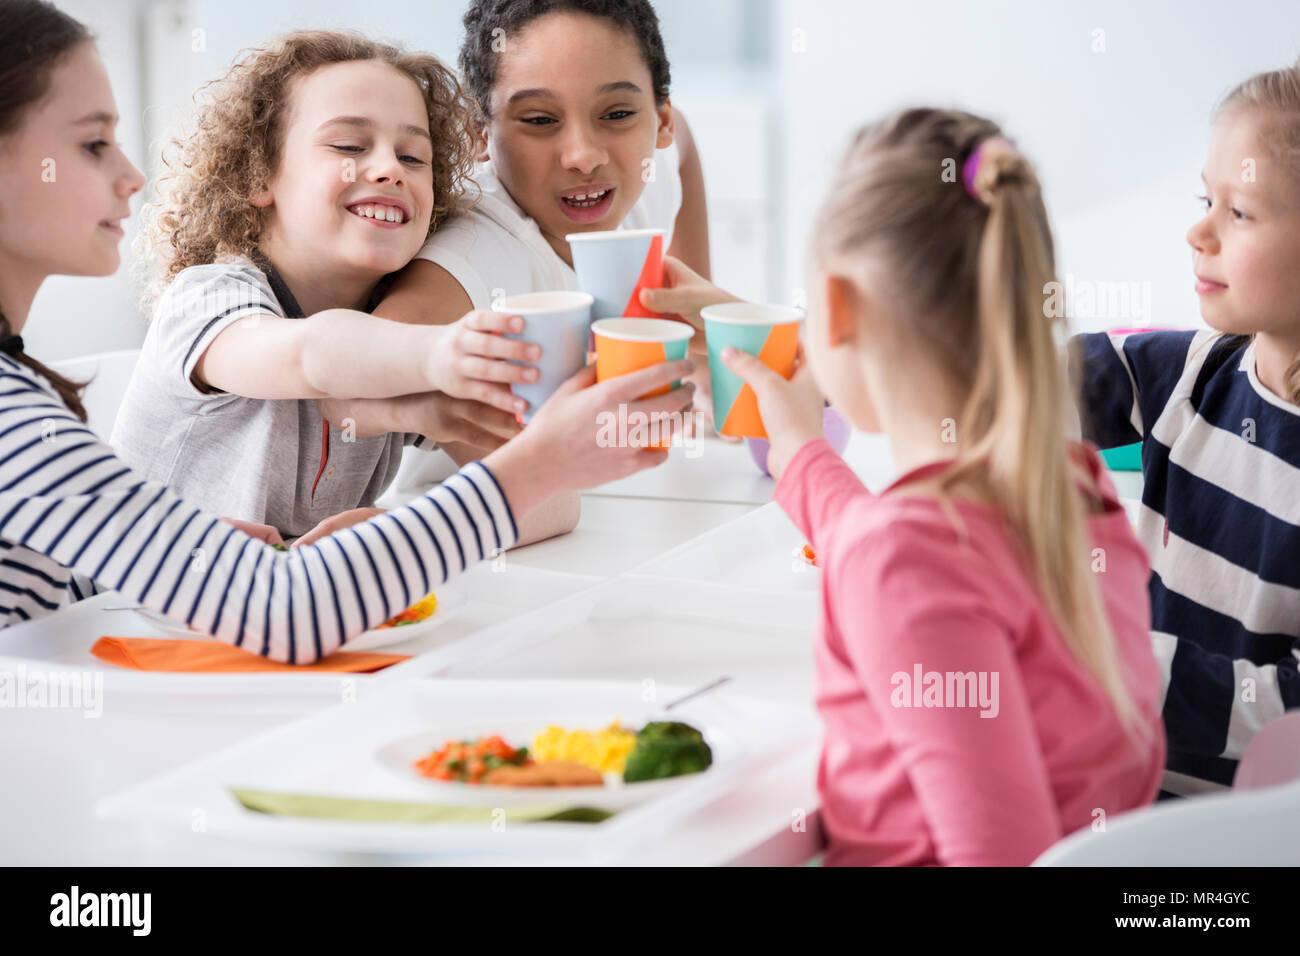 Grupo Multicultural de los niños durante la fiesta de cumpleaños de tostado en casa Imagen De Stock